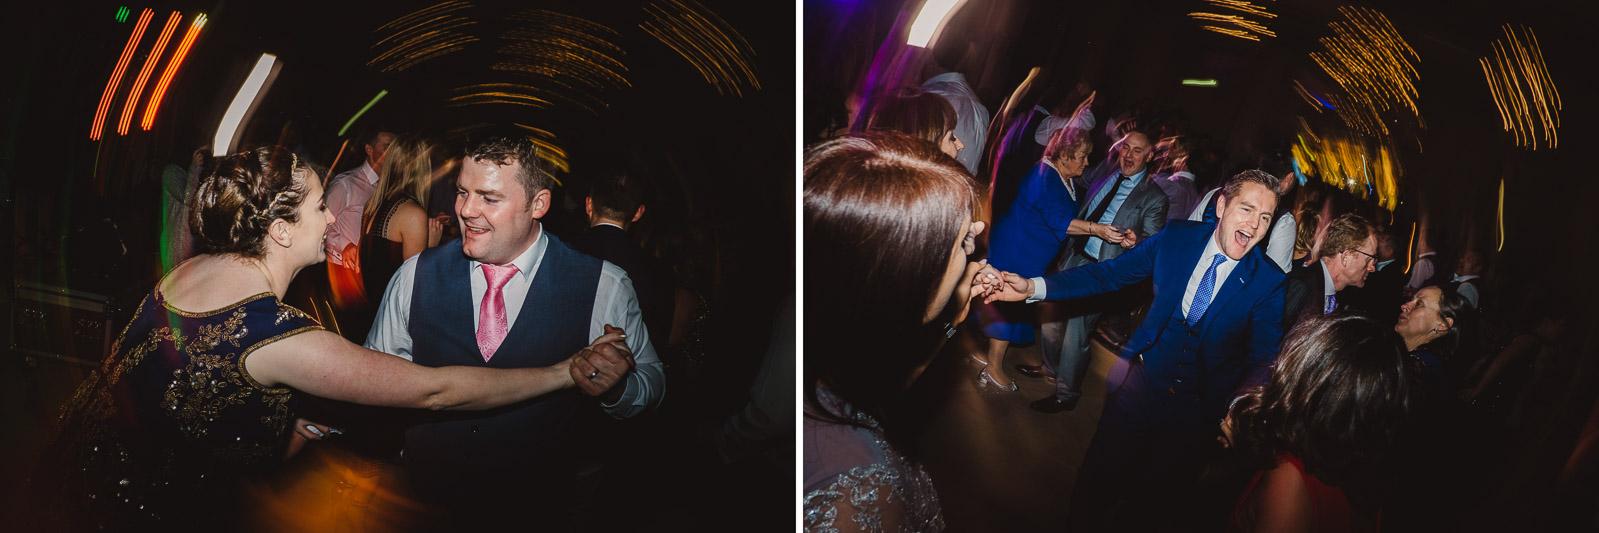 Adare_Manor_Wedding_Photos-11